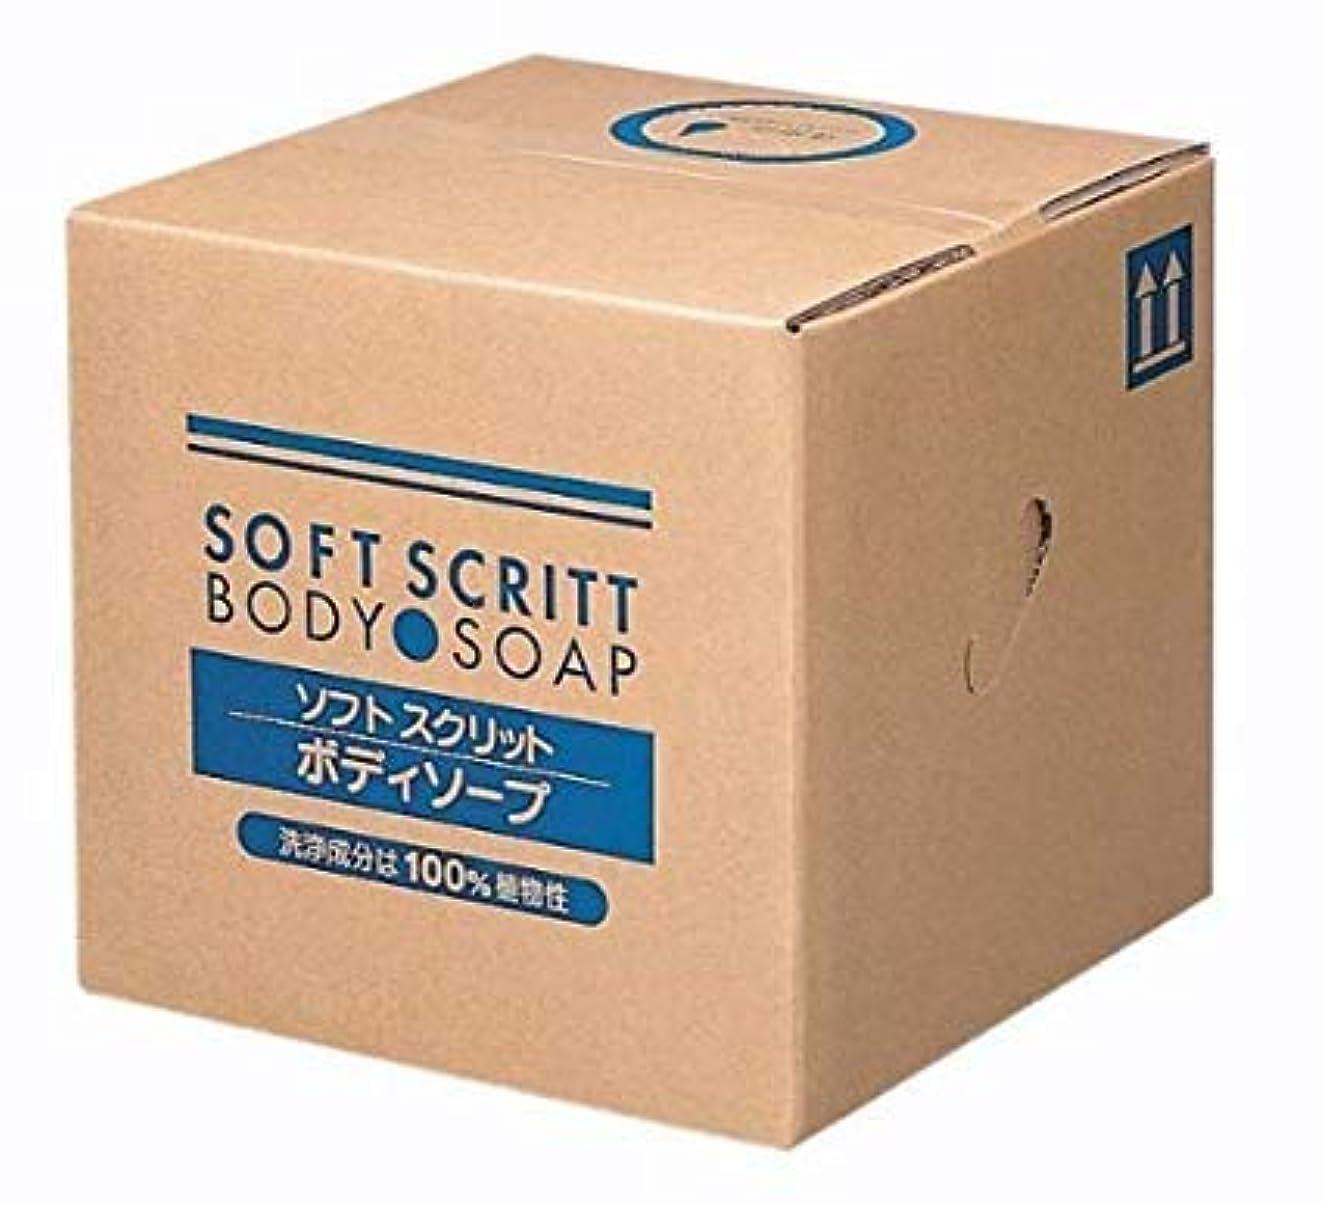 恥ずかしい見せます空のSOFT SCRITT(ソフトスクリット) ボディソープ 詰替用 18L 4353 (熊野油脂) (清拭小物)